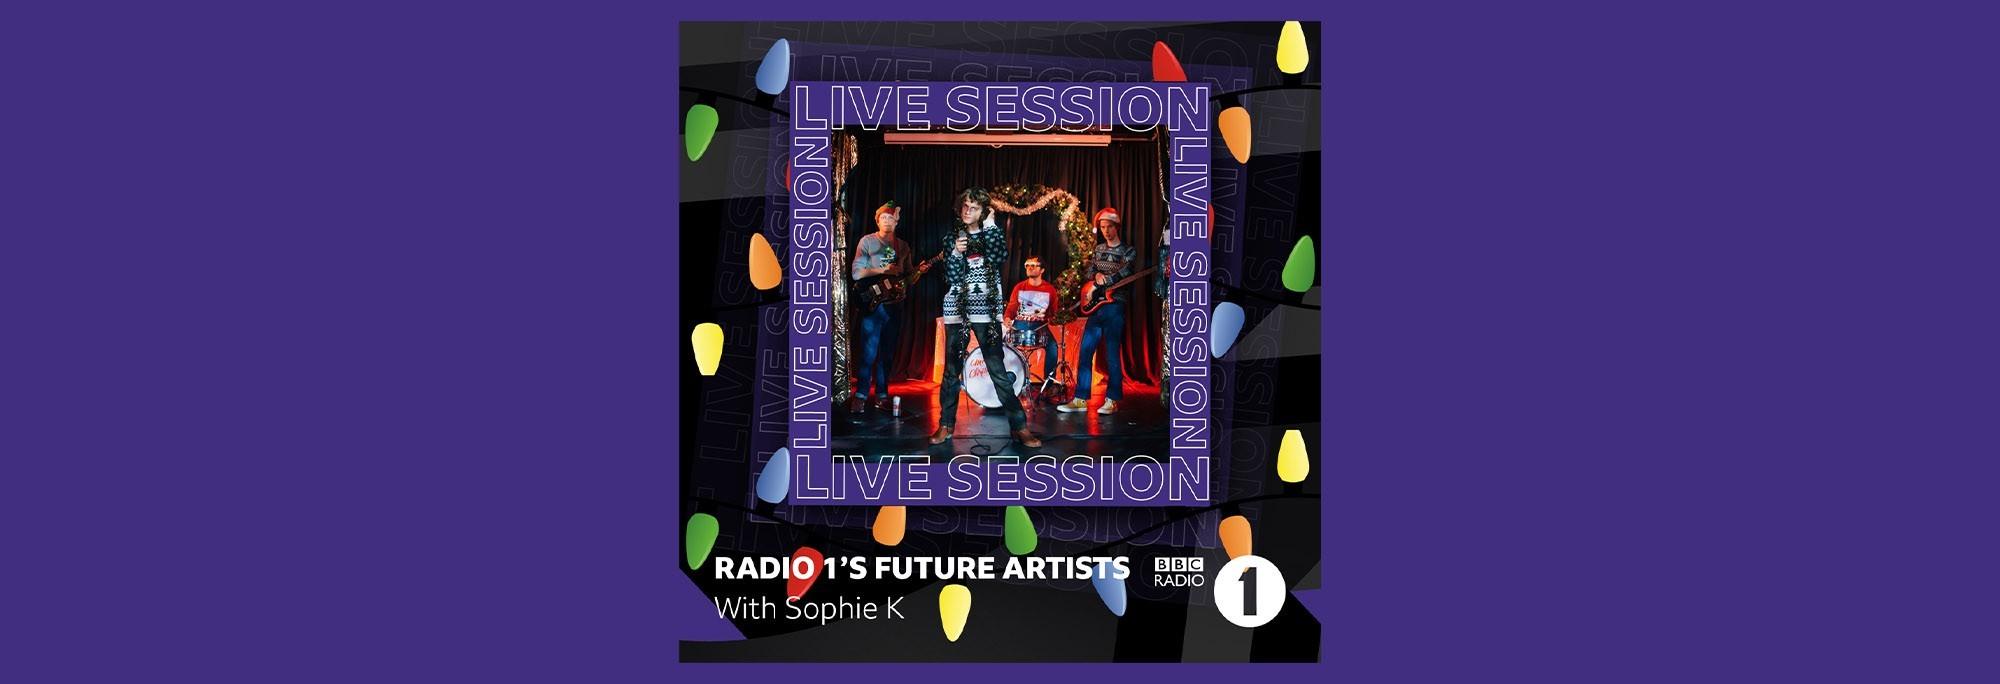 Buzzard Buzzard Buzzard - Radio 1 Future Artists Session